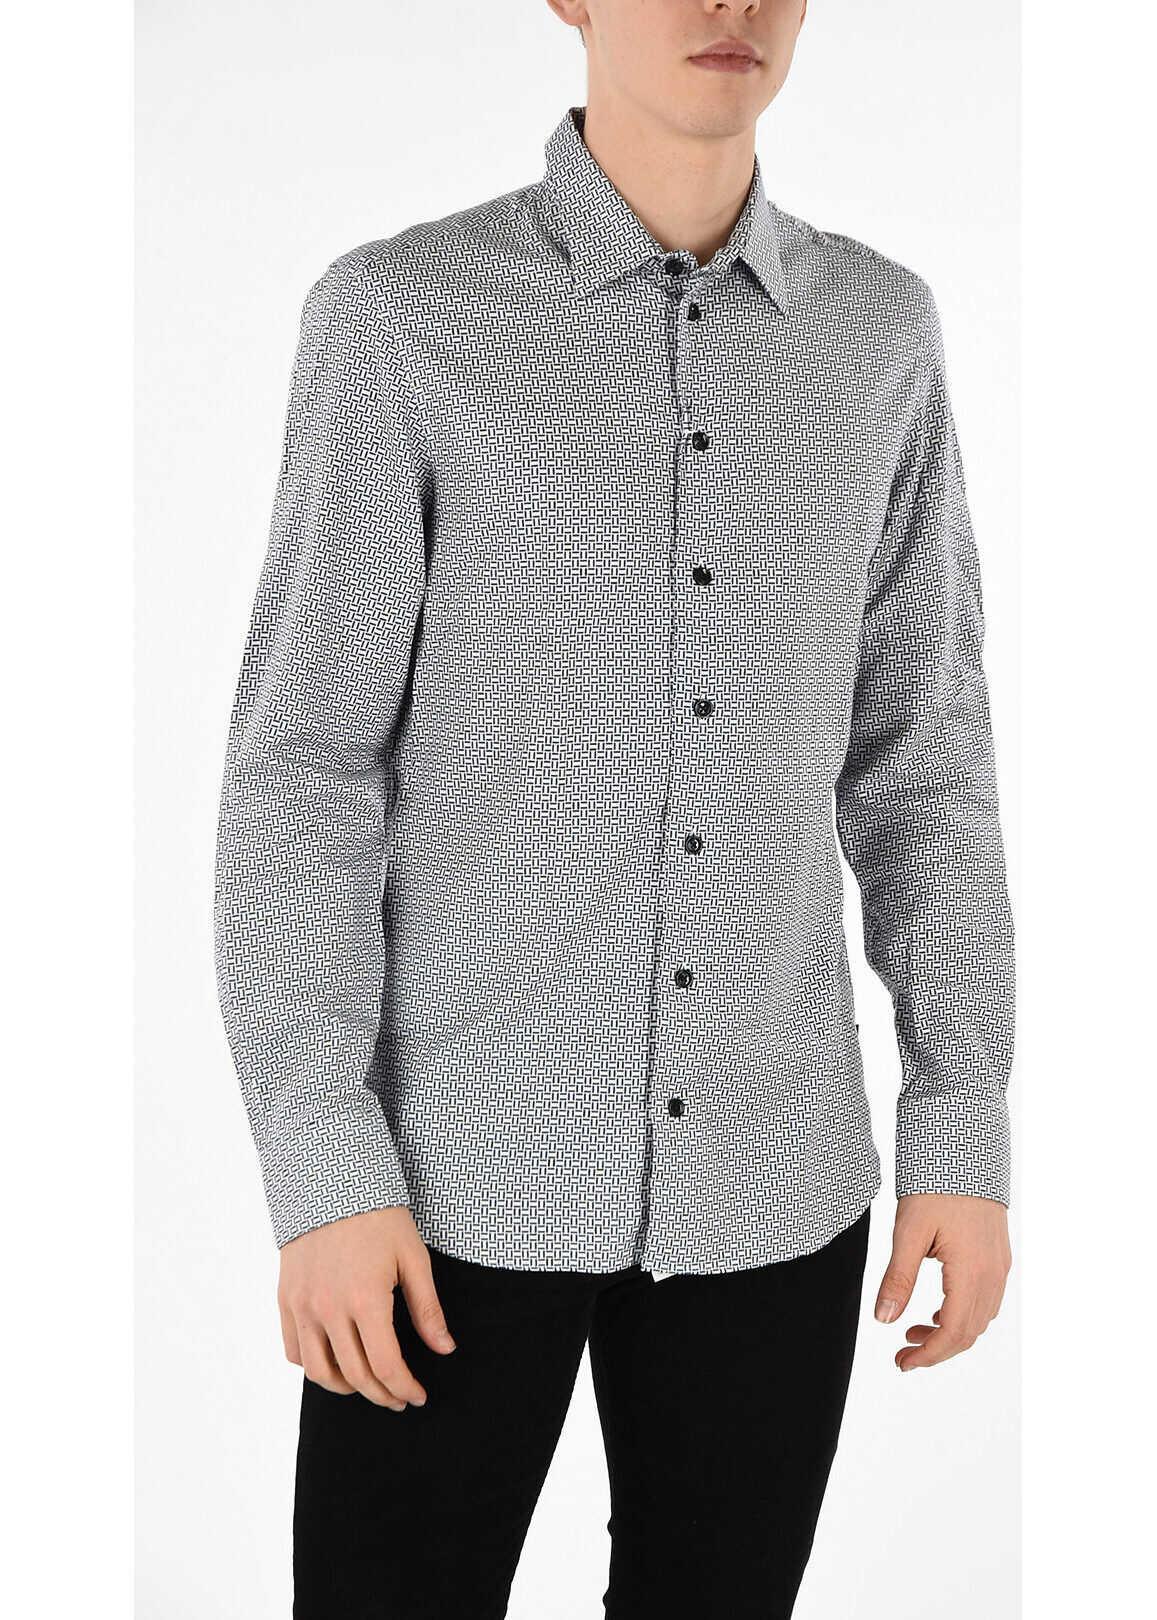 Armani COLLEZIONI Geometric Printed Shirt MULTICOLOR